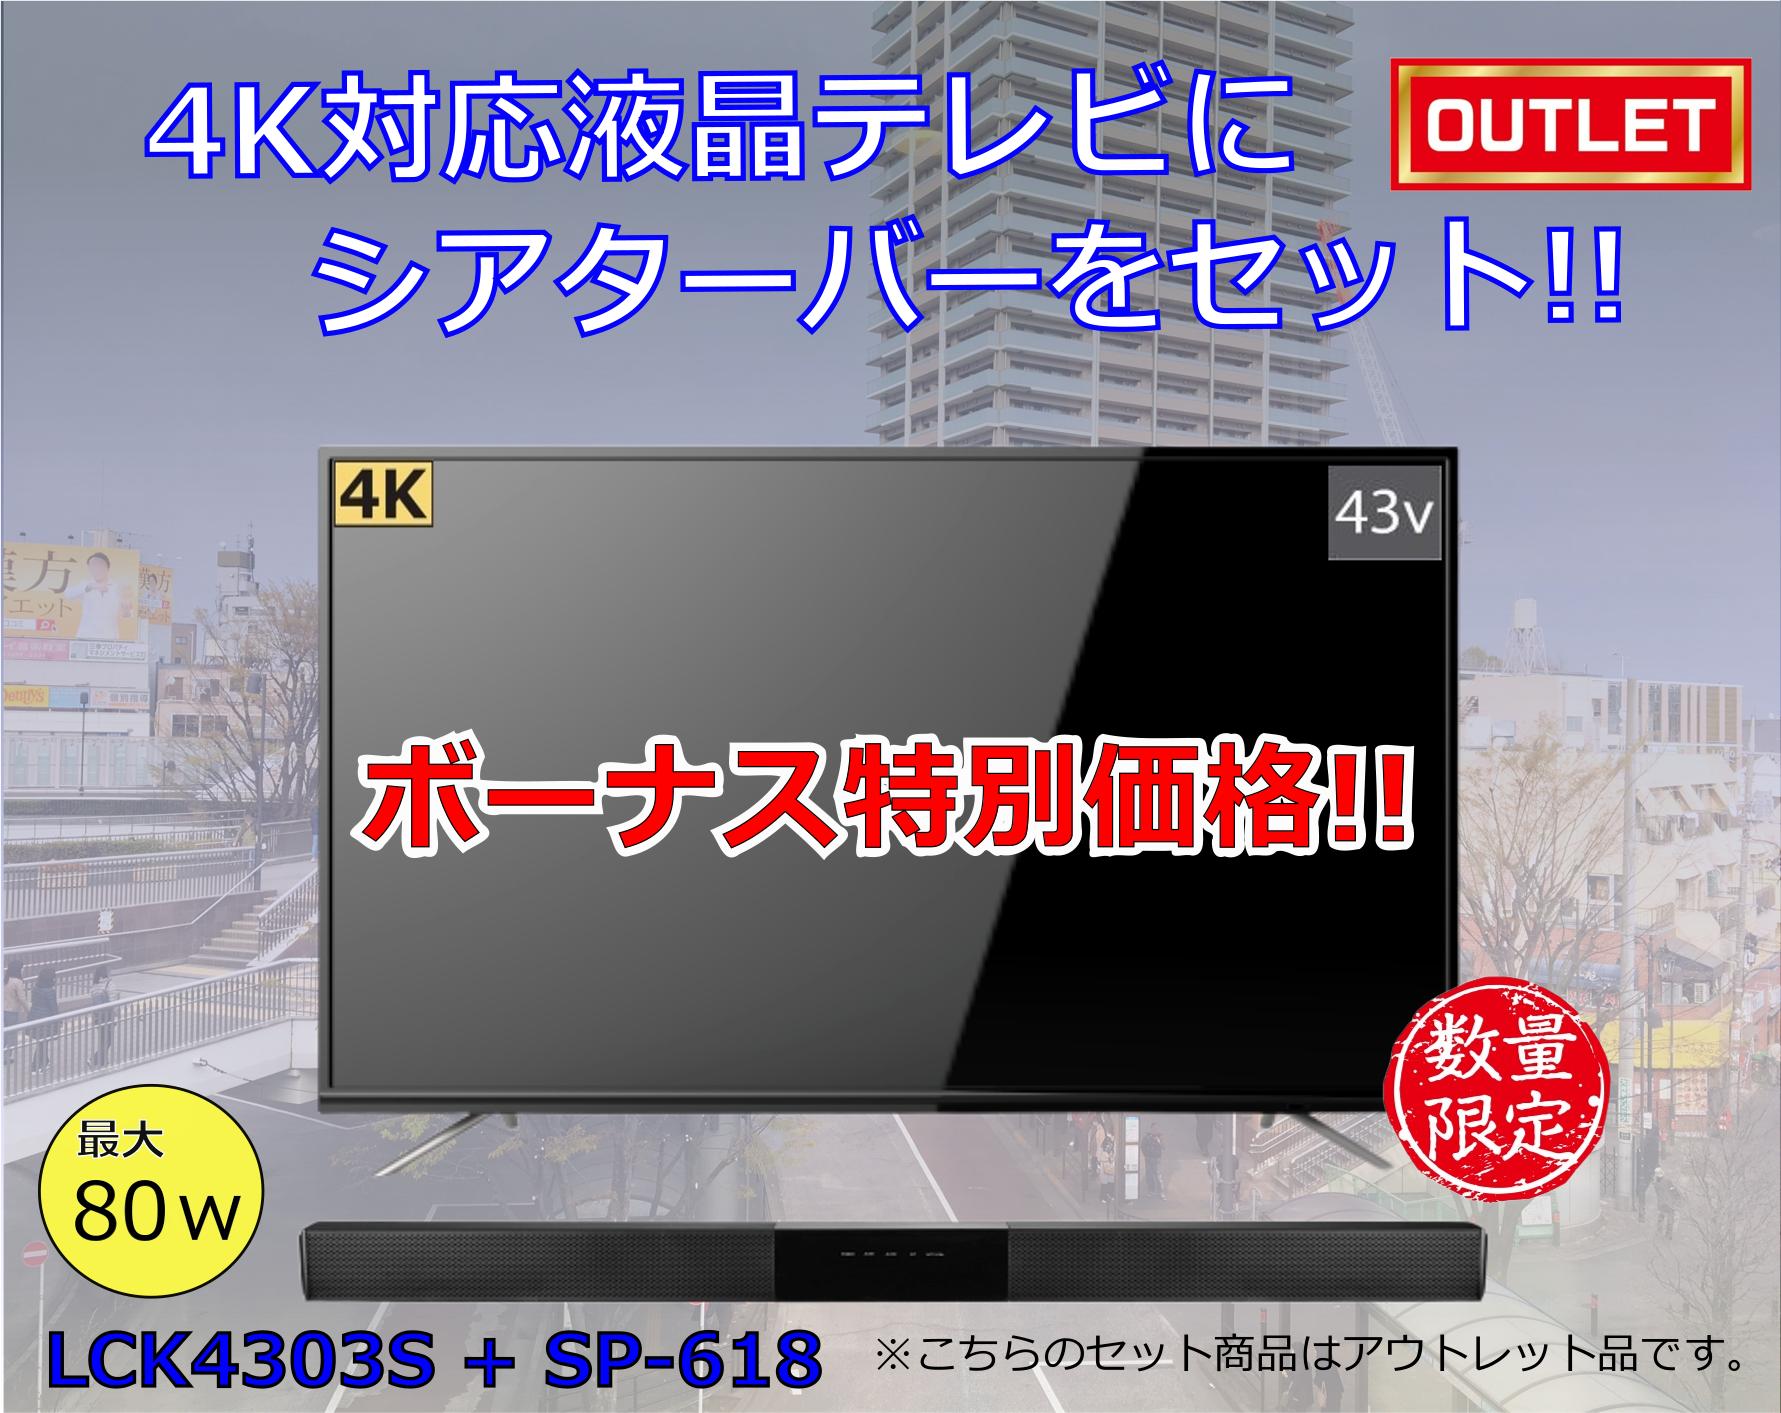 地上・BS/CSデジタル 4K対応液晶テレビ LCK4303S(43V型)+シアターバー SP-618 セット商品画像